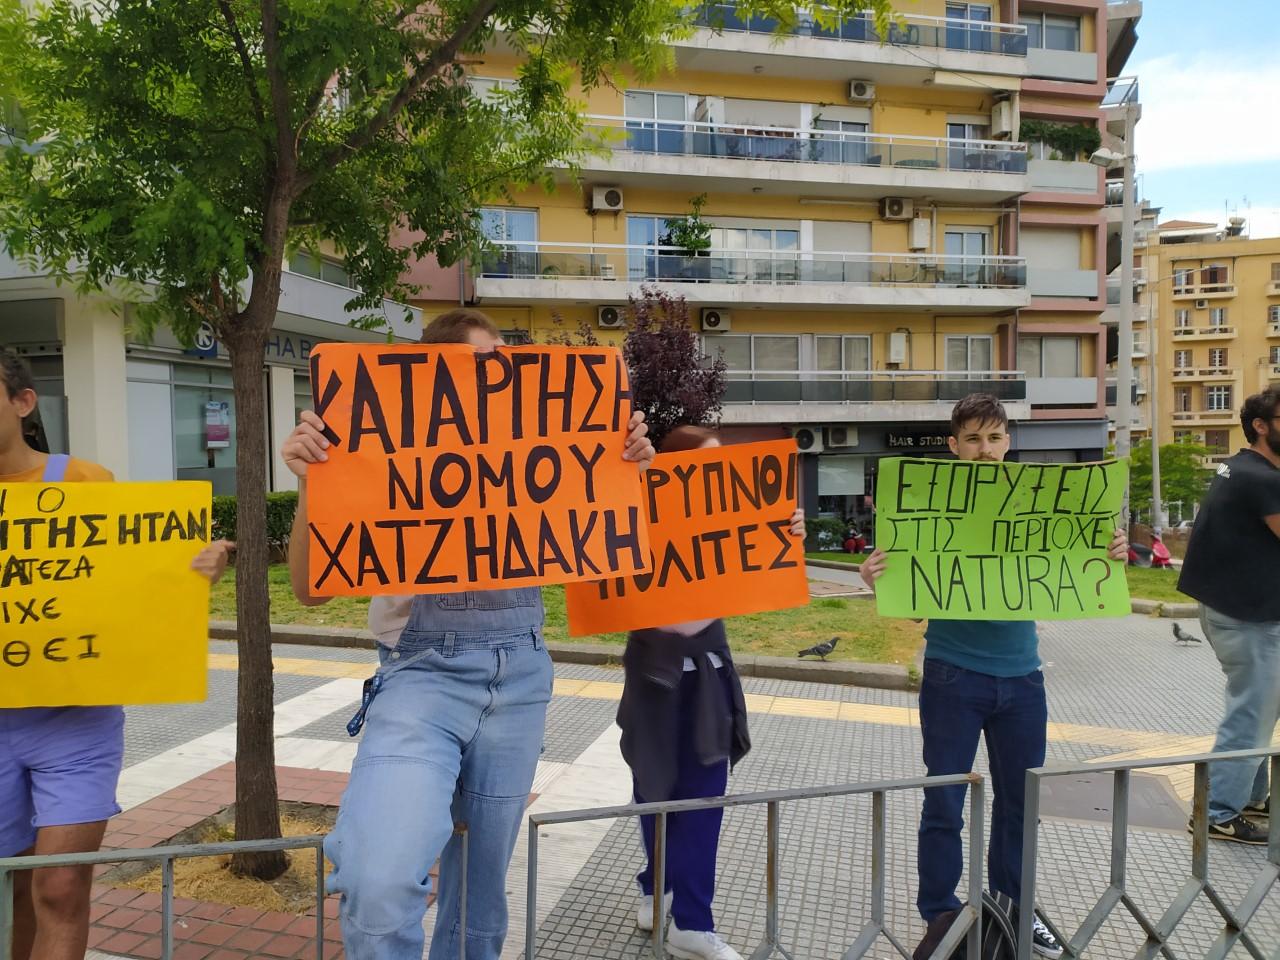 Διαμαρτυρία για το περιβάλλον κατά την επίσκεψη Μητσοτάκη στο ΥΜΑΘ